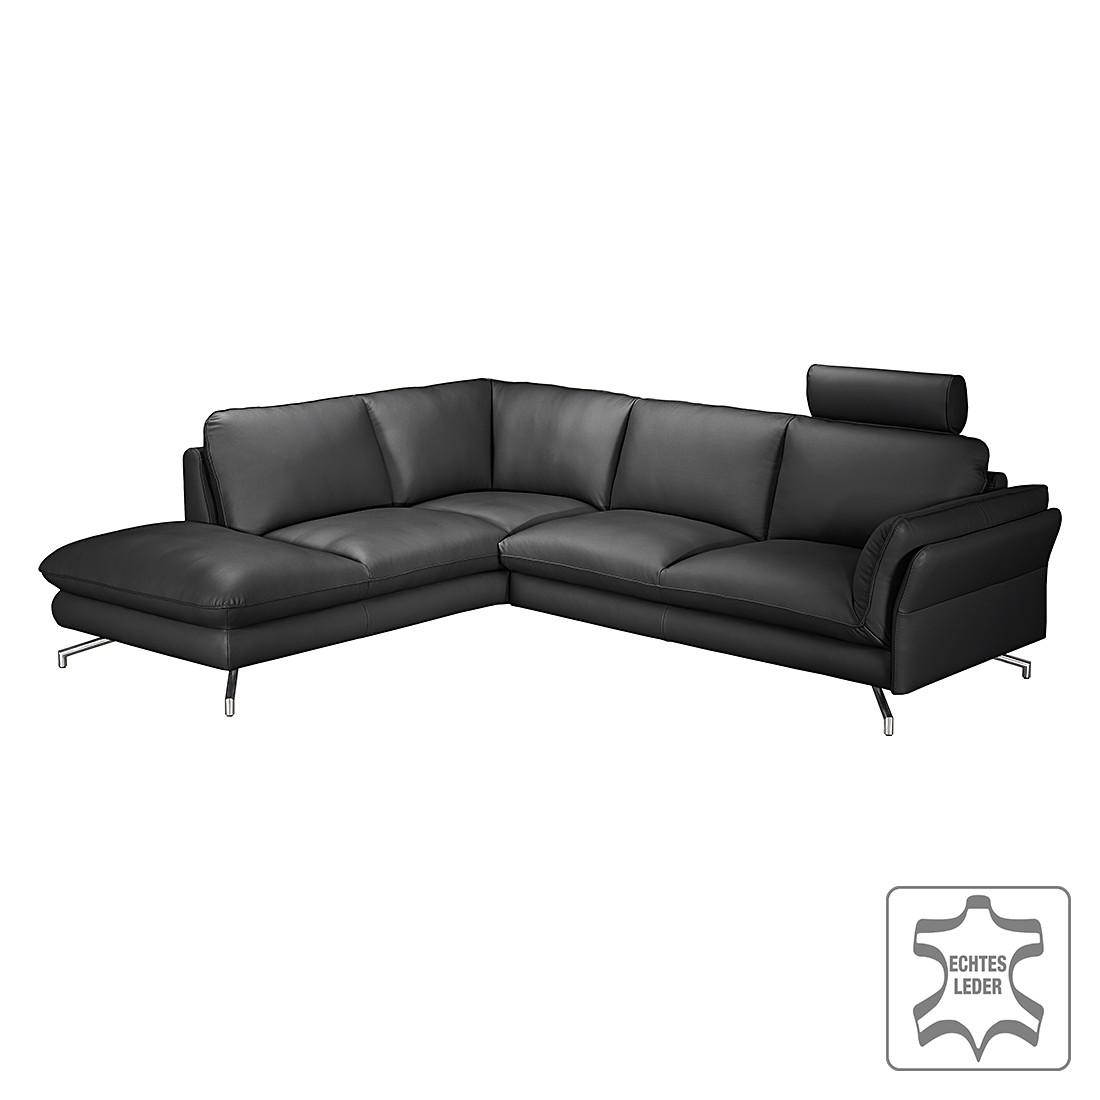 ecksofa enrico echtleder schwarz ottomane davorstehend links mit 2 kopfst tzen loftscape. Black Bedroom Furniture Sets. Home Design Ideas